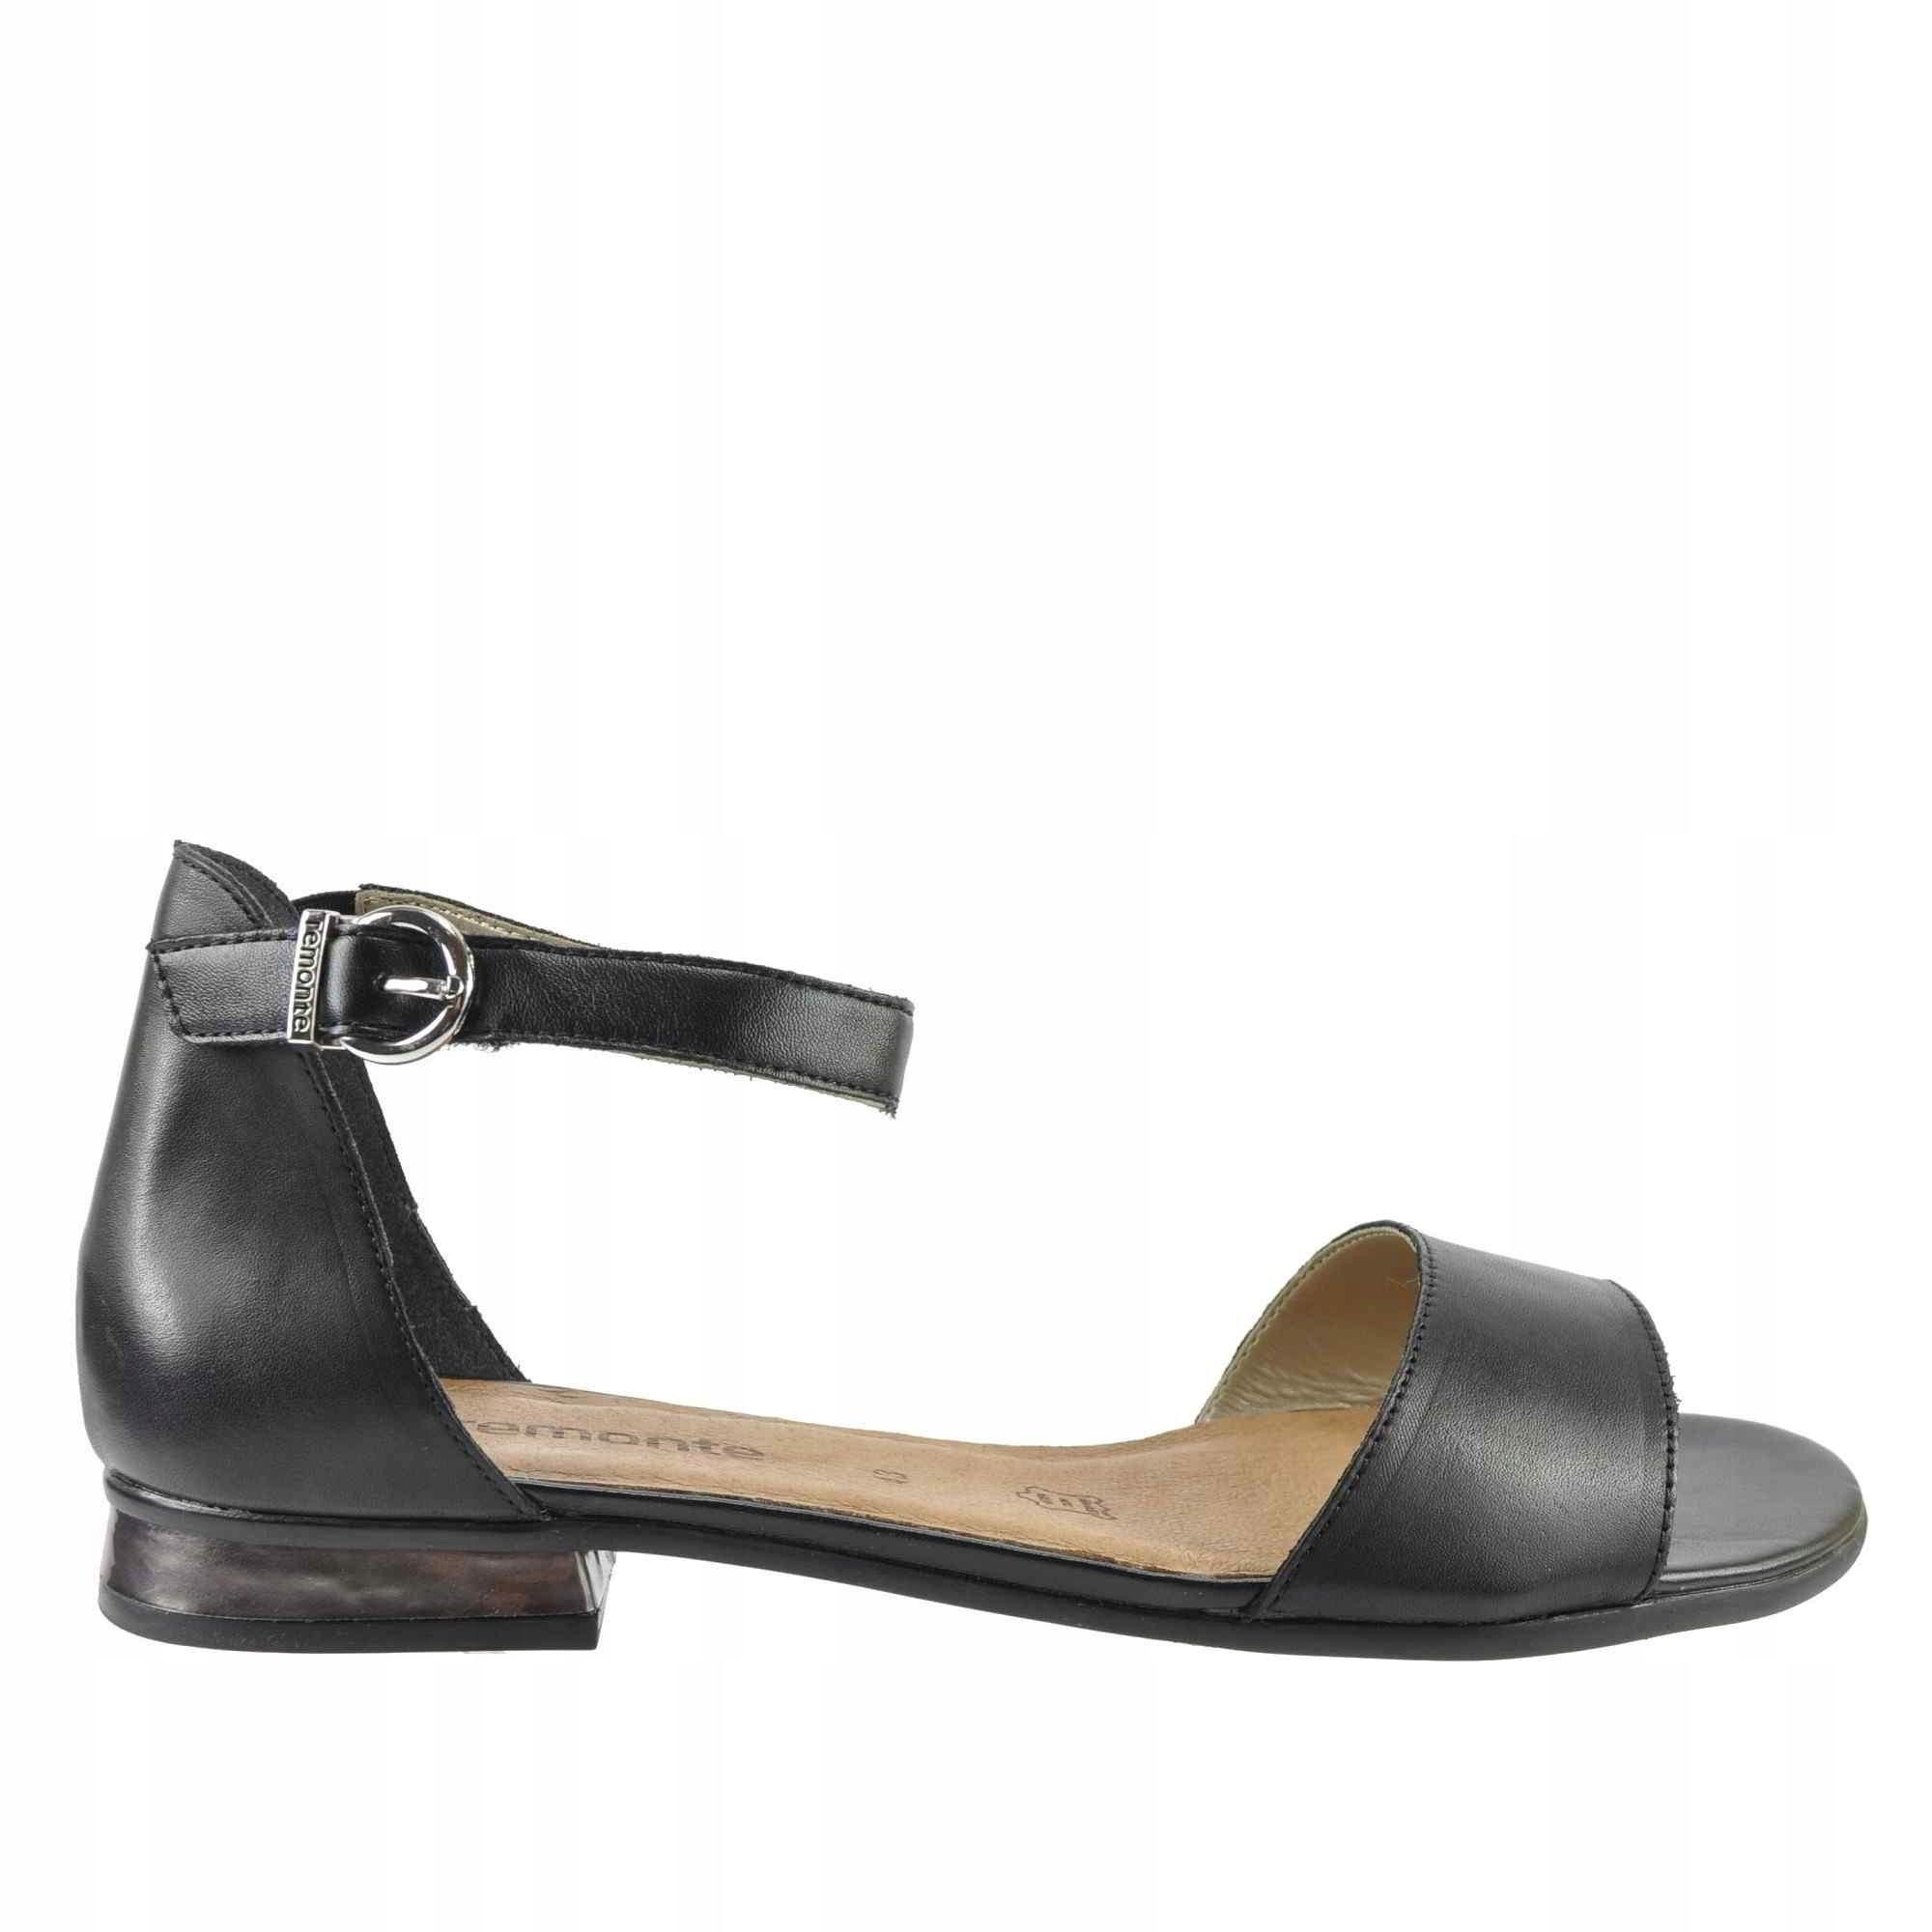 Duże sandały damskie Remonte R9052 33 czerwone